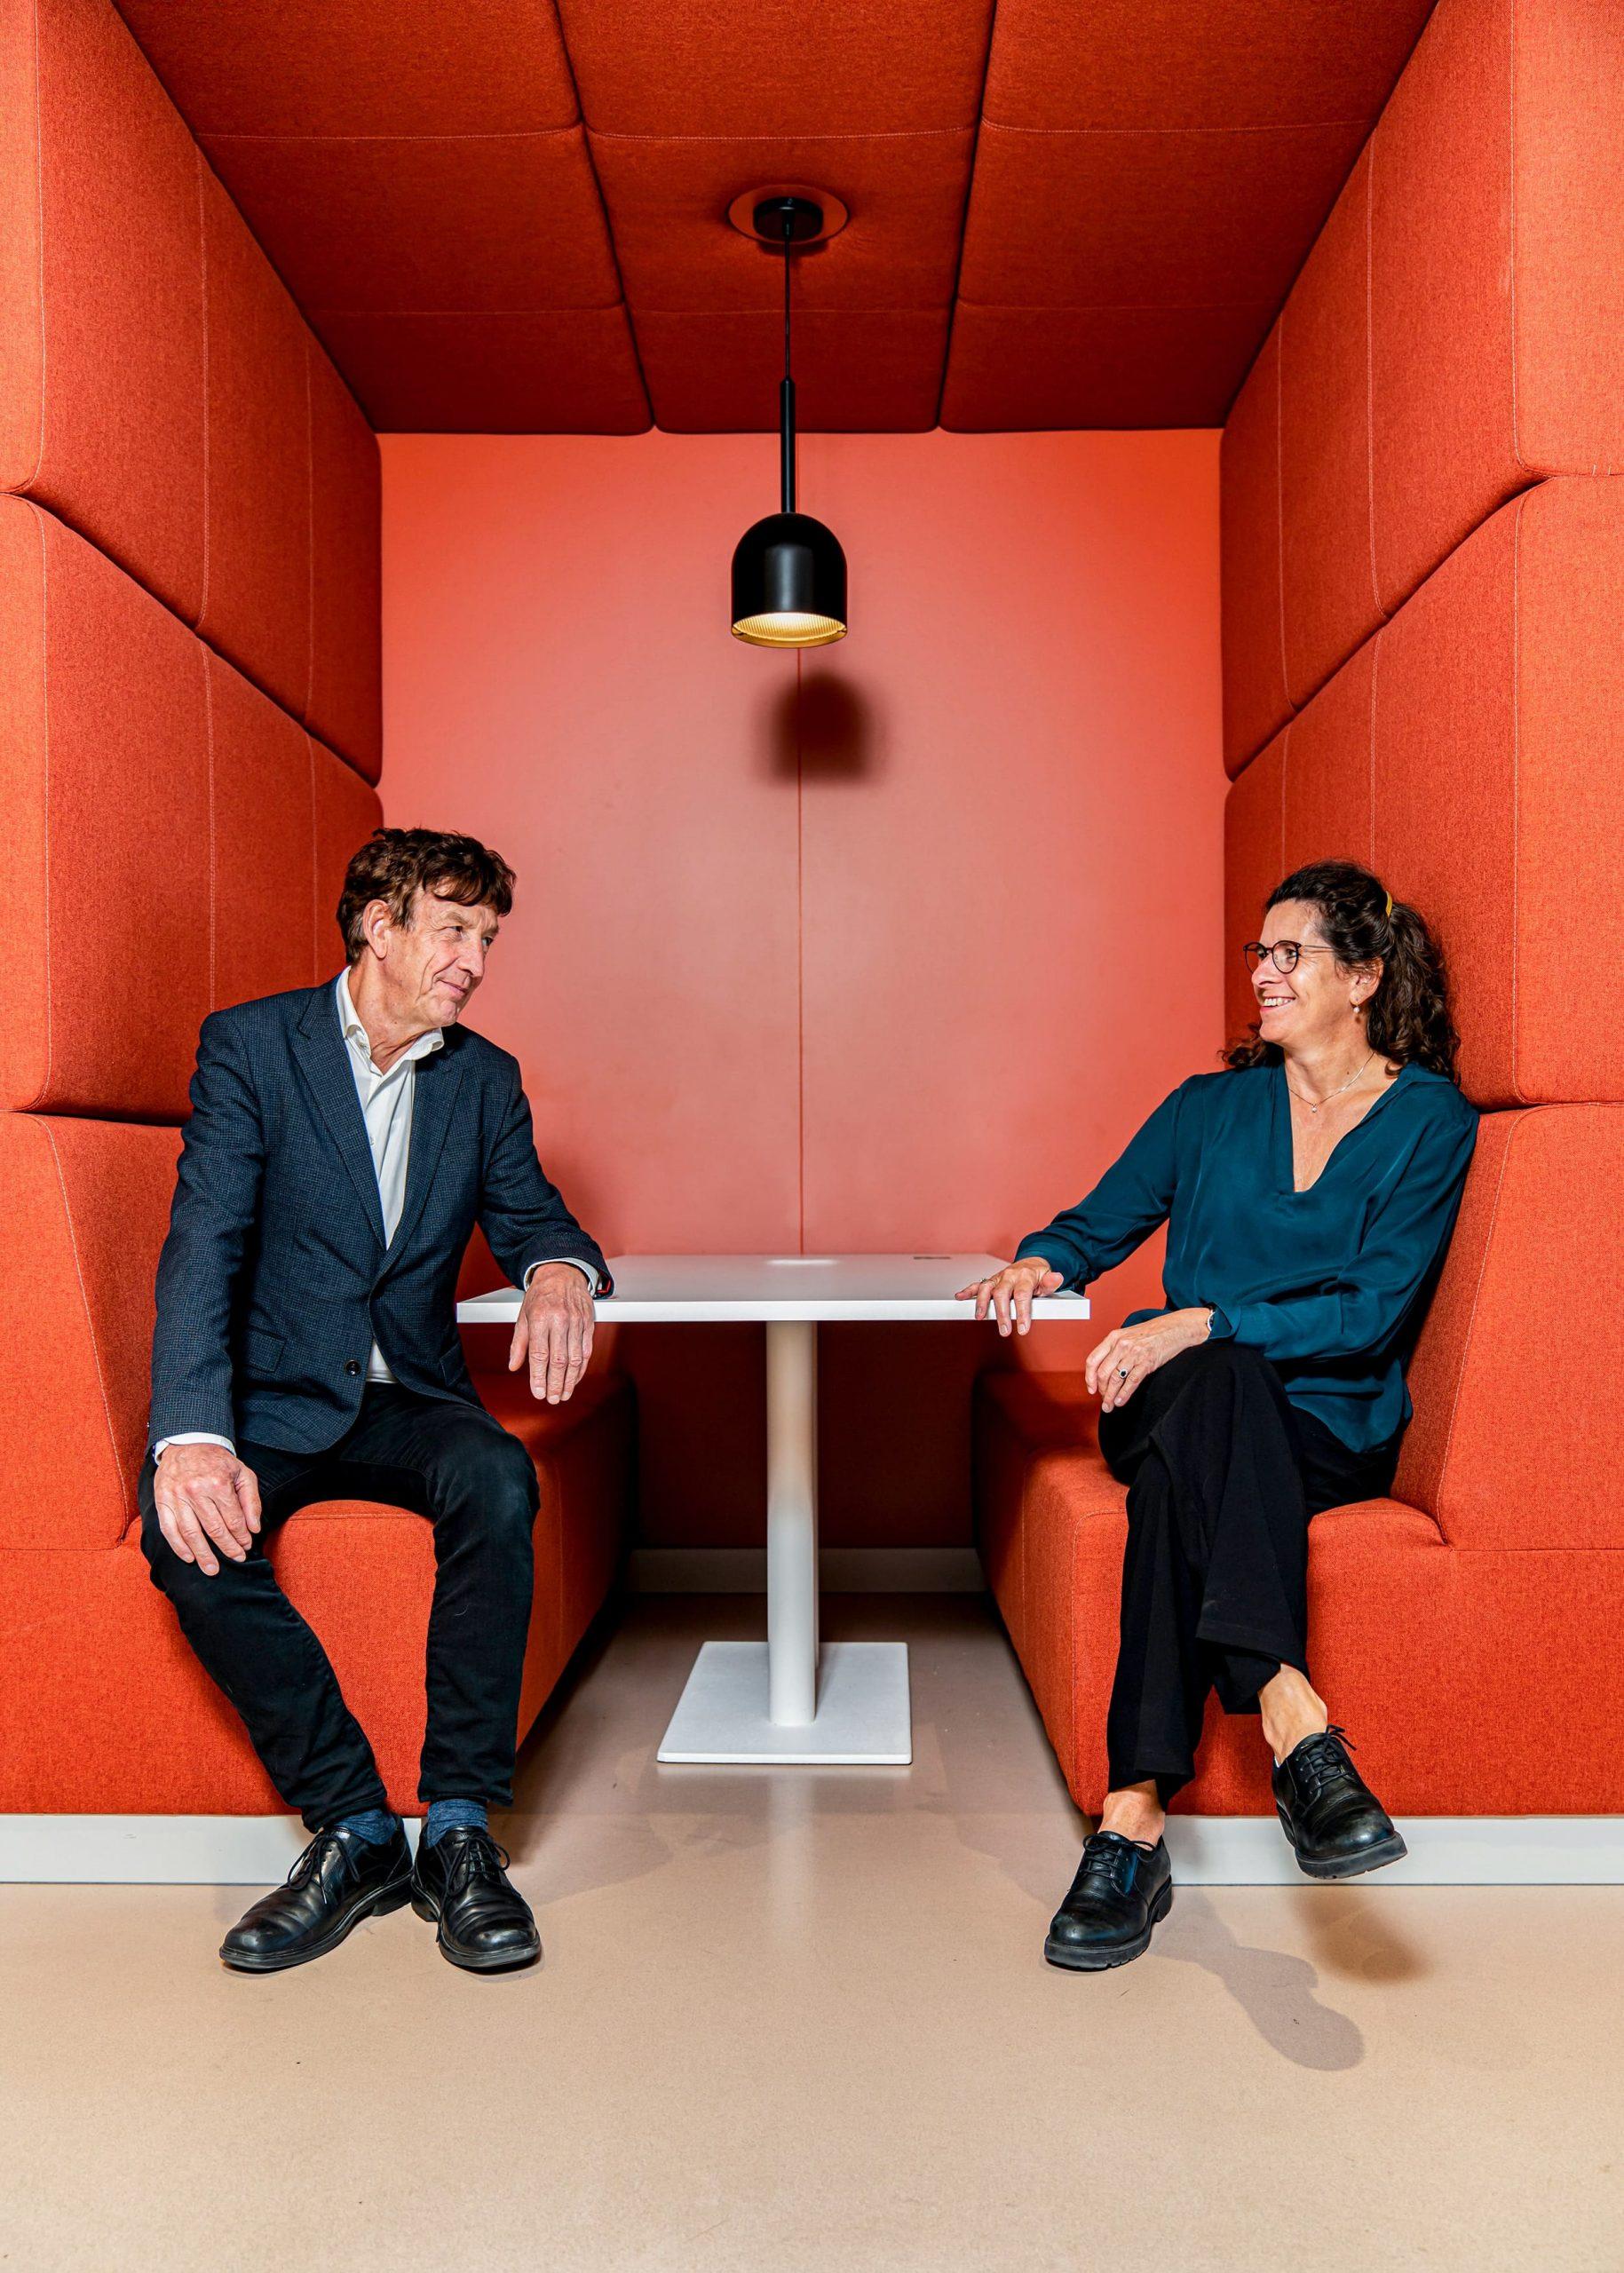 Portret van Ries Breek en Miriam Heemelaar projectmanagers bij de Gemeente Amsterdam. Fotoshoot in opdracht van woningcorporatie De key